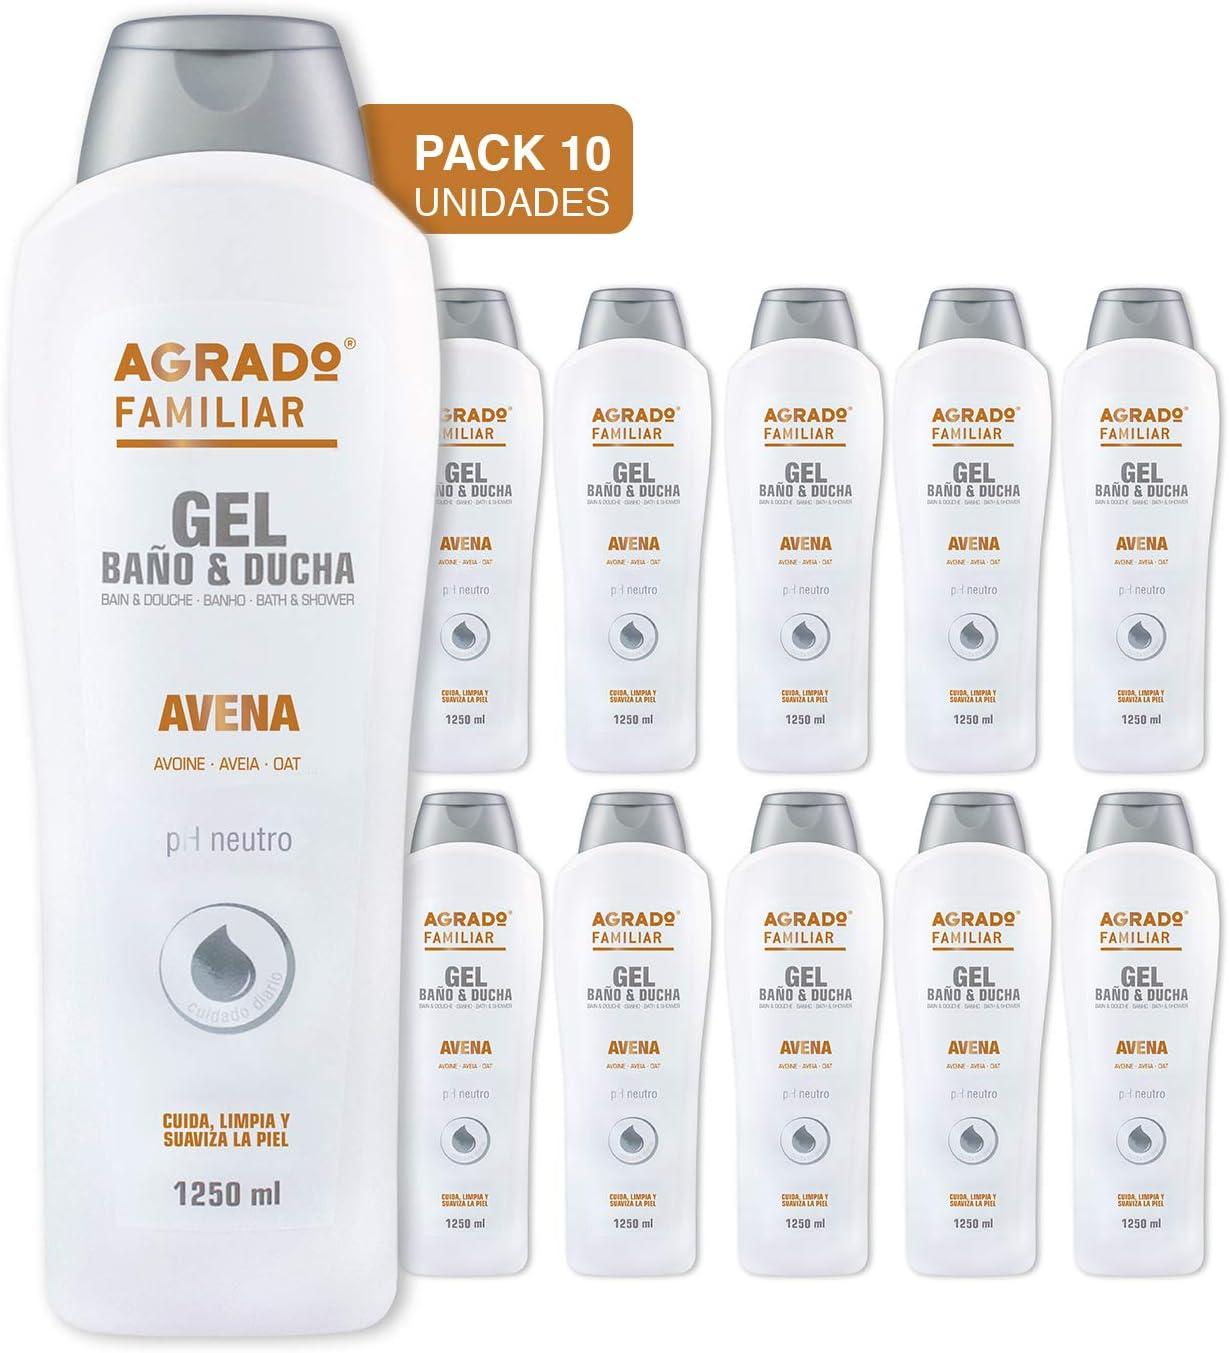 Agrado - Gel Baño y Ducha Avena 1250 ml - Pack de 10 unidades: Amazon.es: Belleza